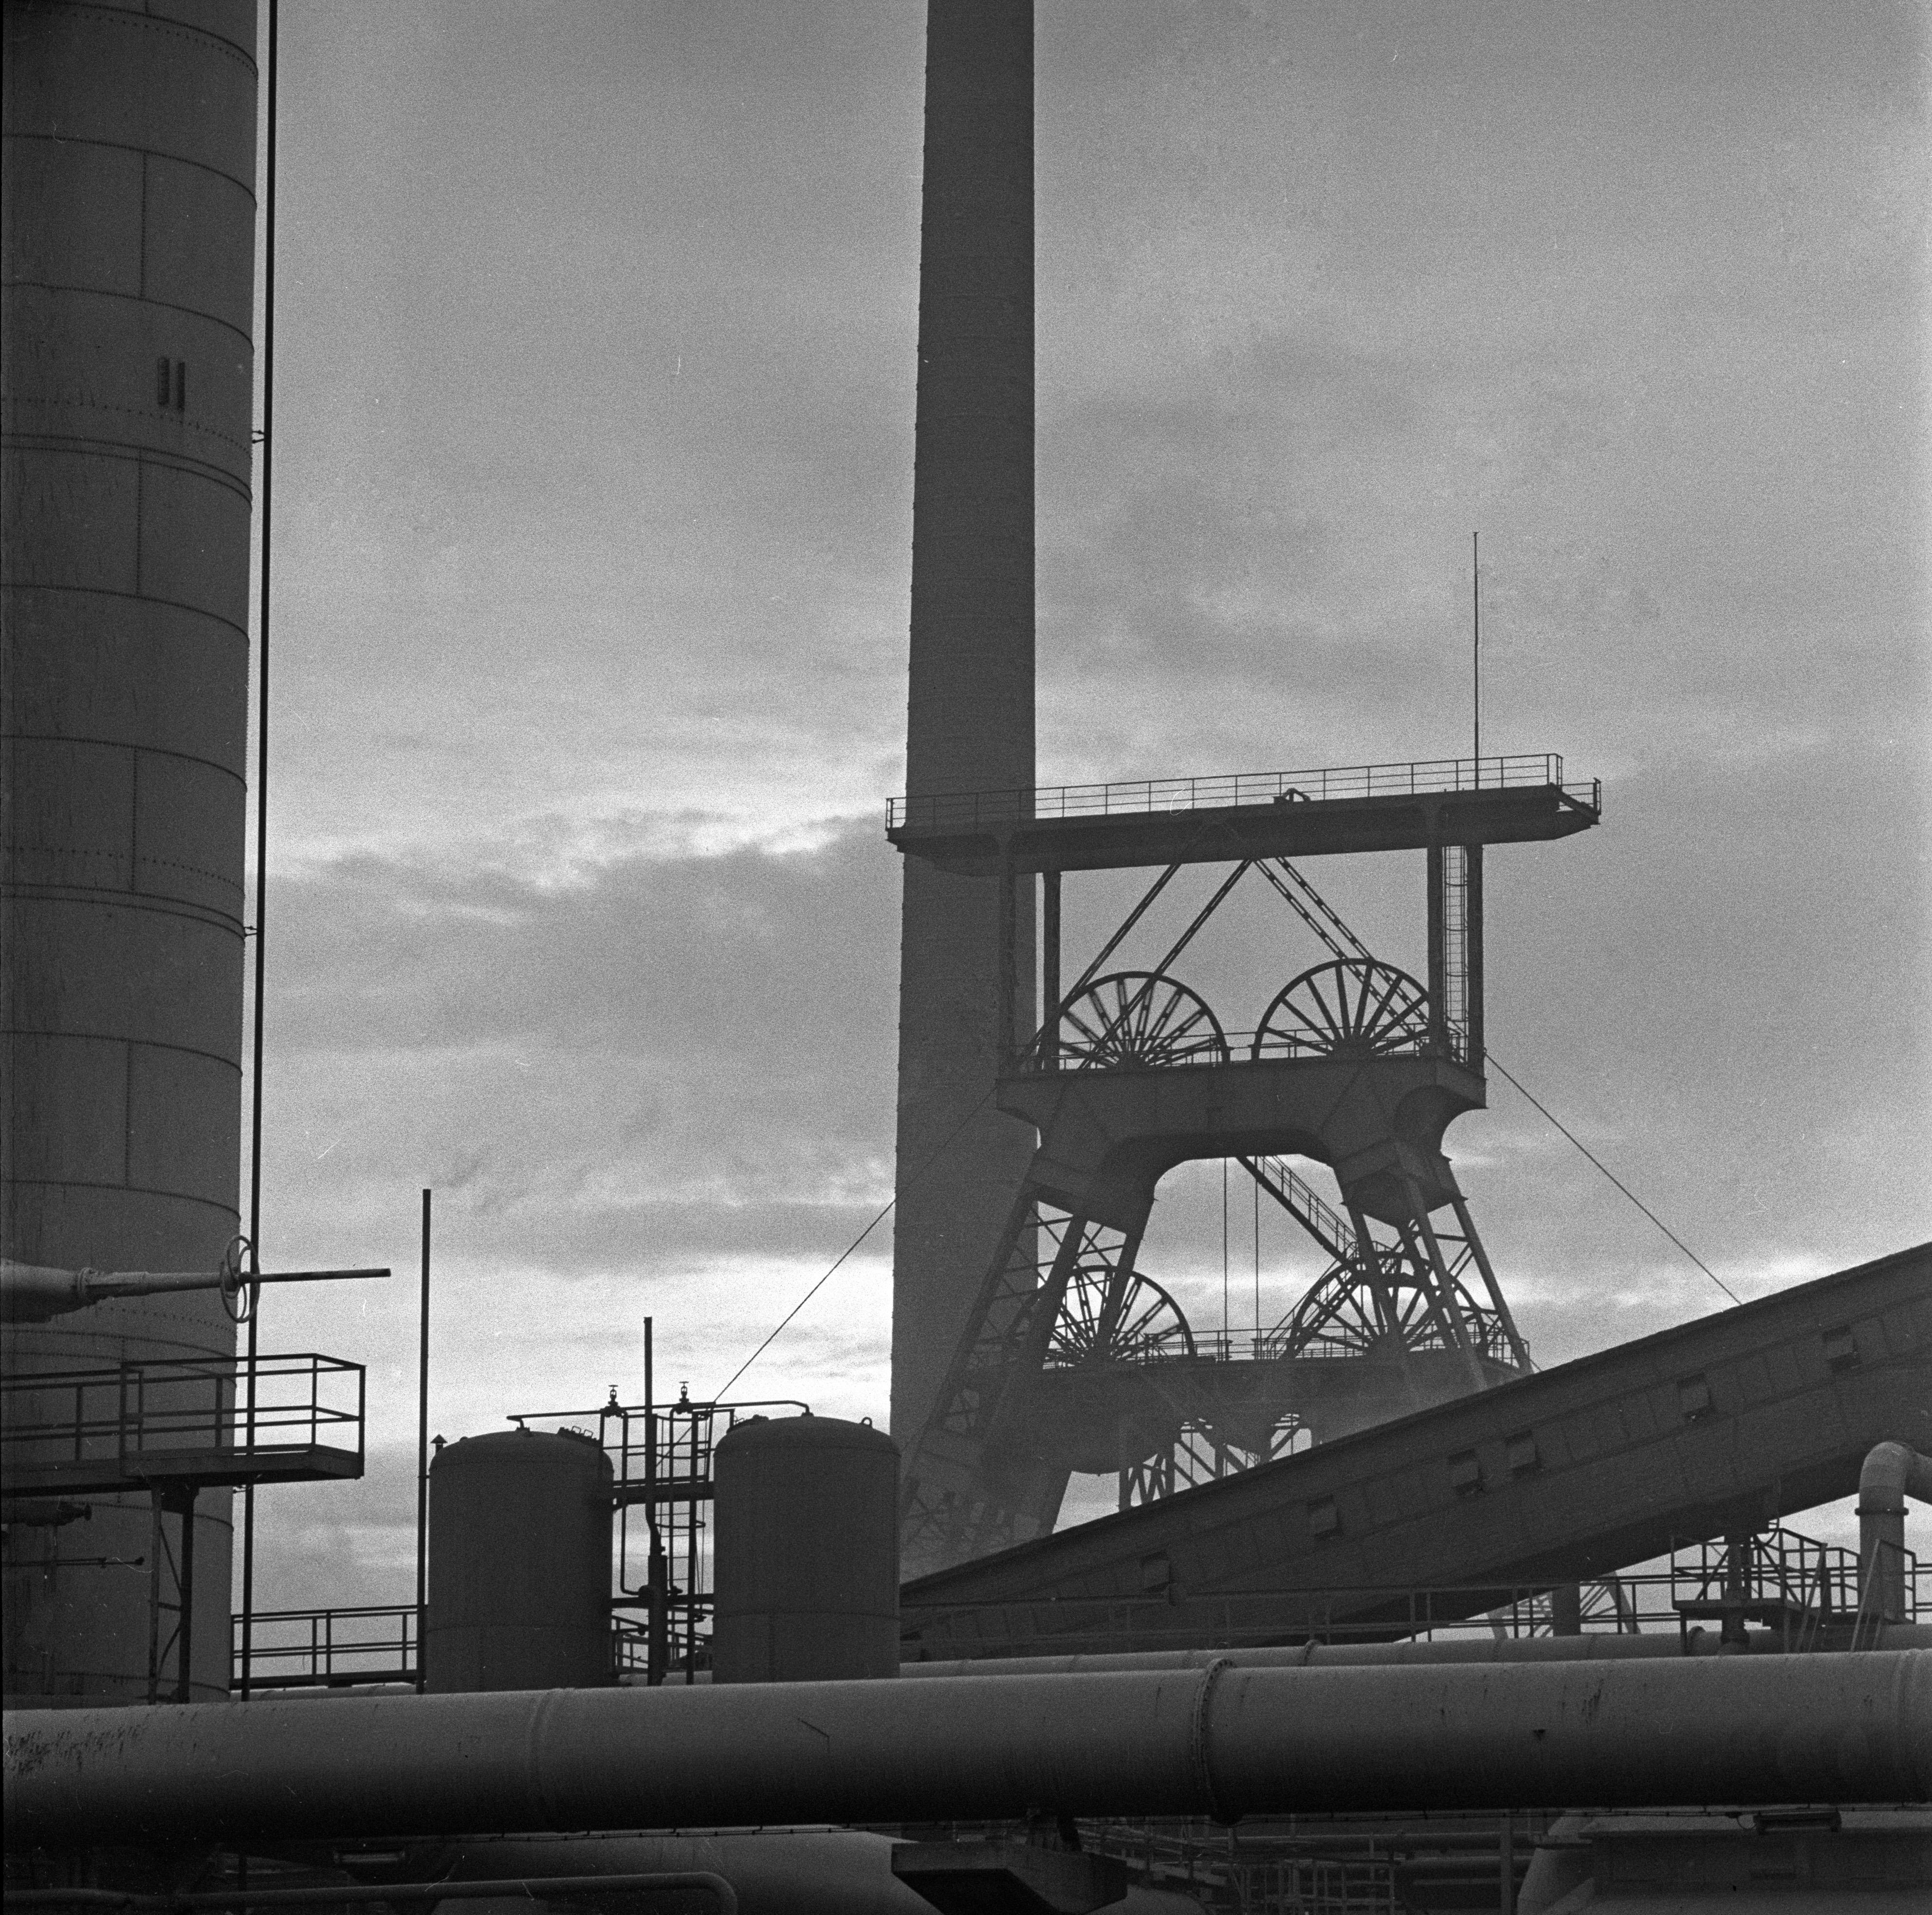 Foto: Zeche Emil Emscher, Altenessen, Februar 1960